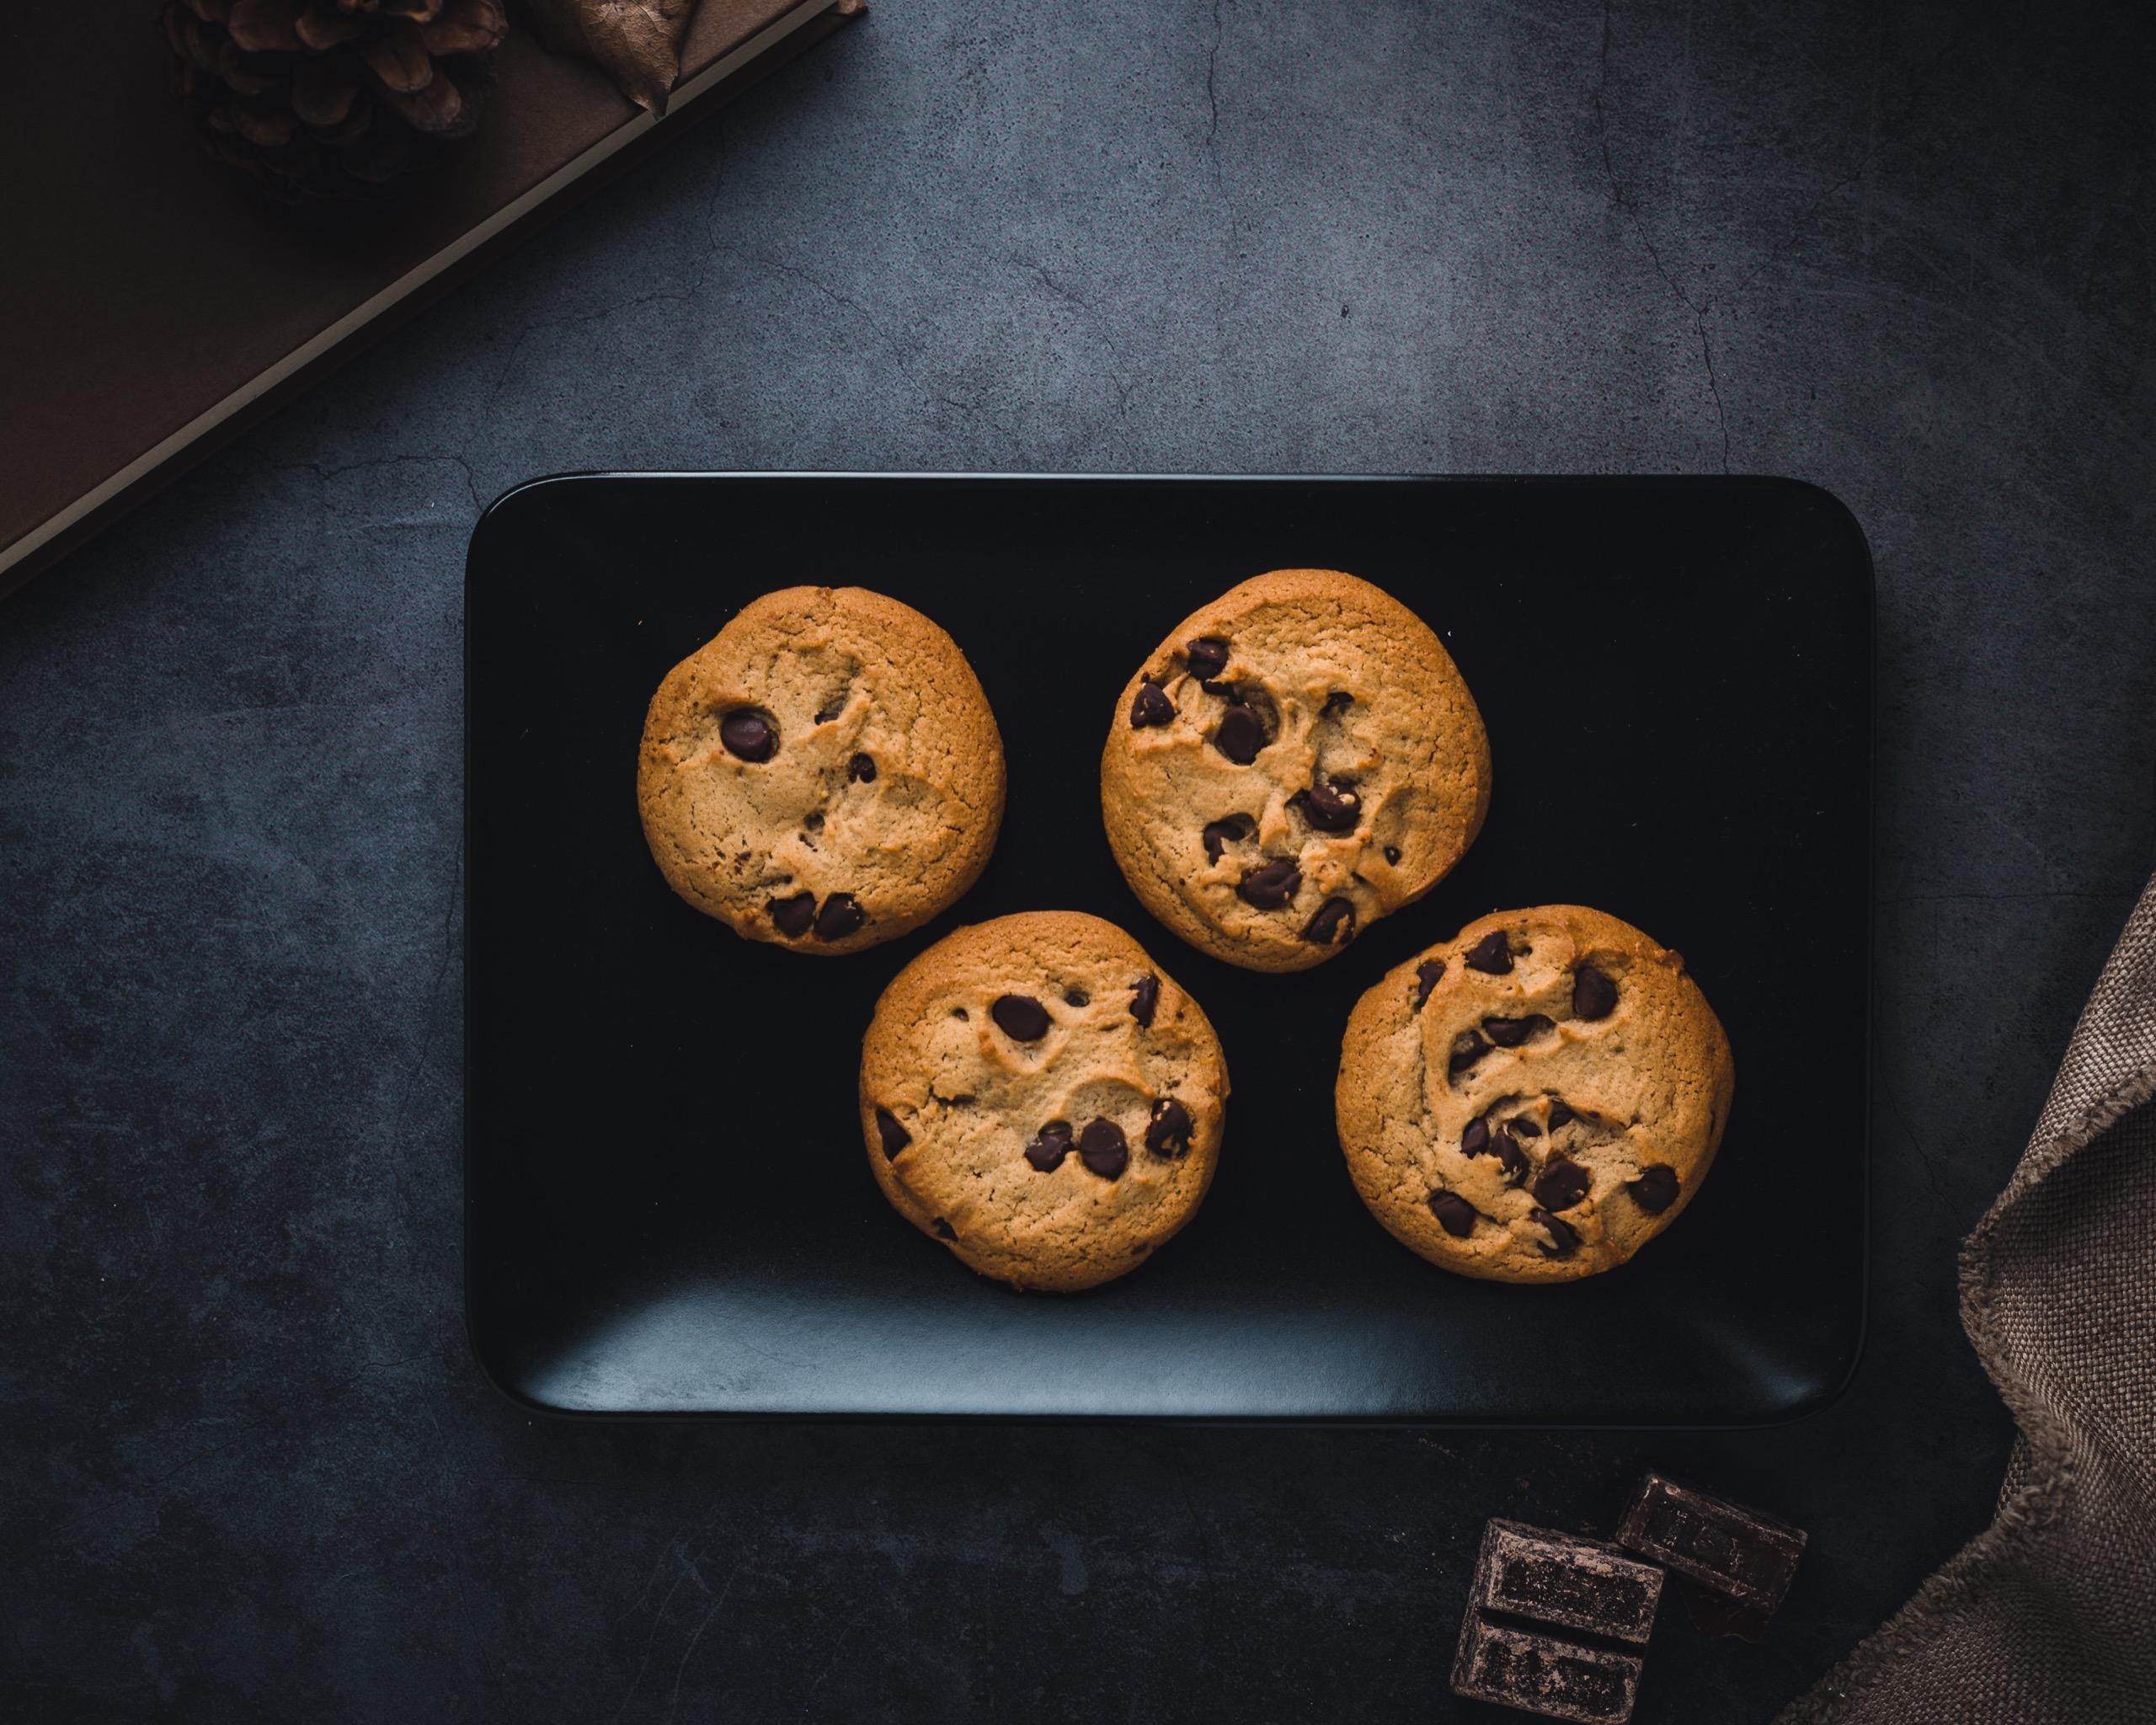 'Volg cookies' verleden tijd: is het alternatief beter?